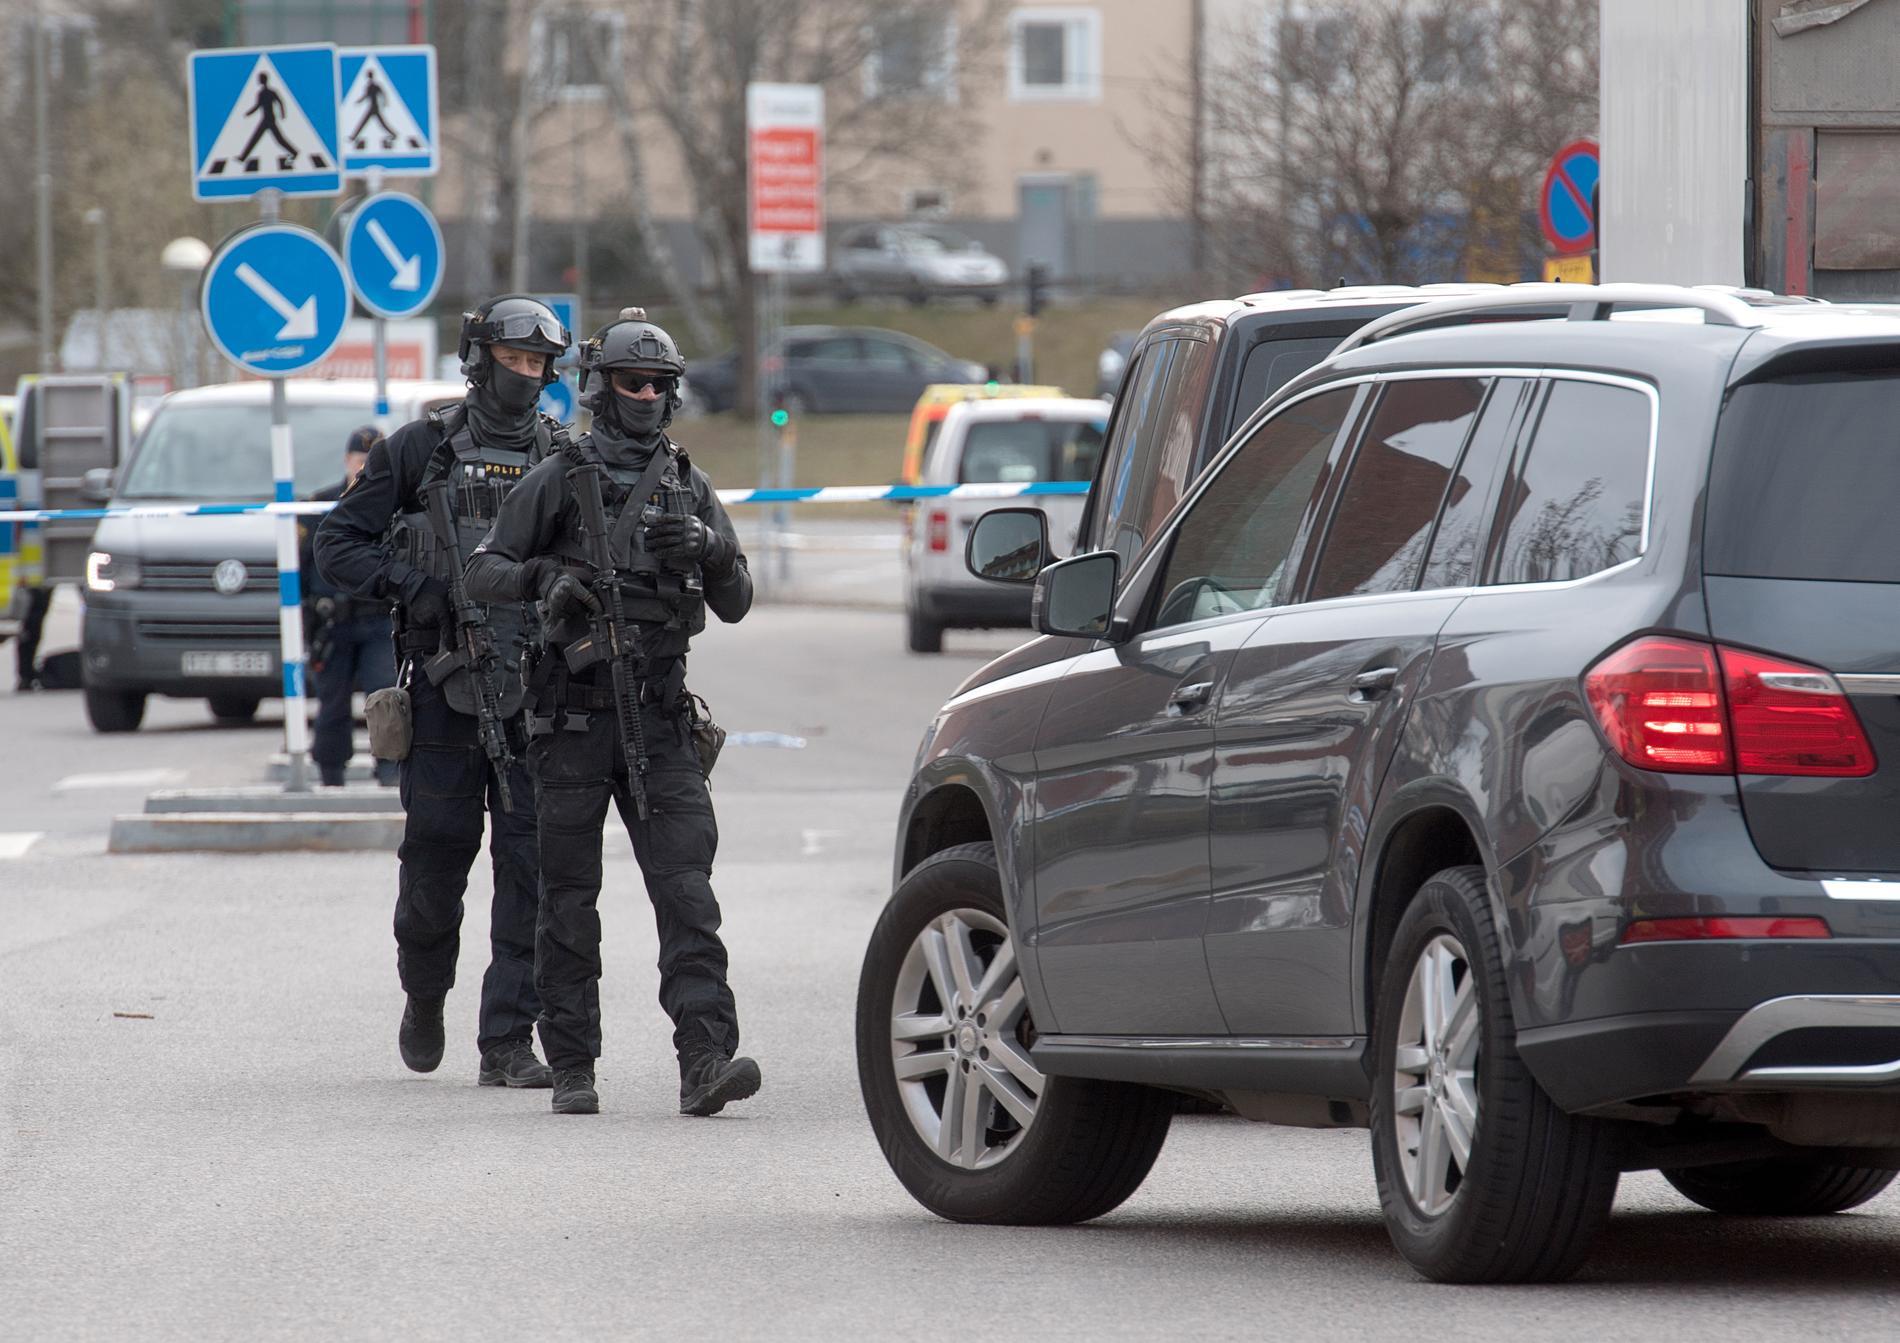 Under tisdagen pågick en stor polisinsats på platsen.